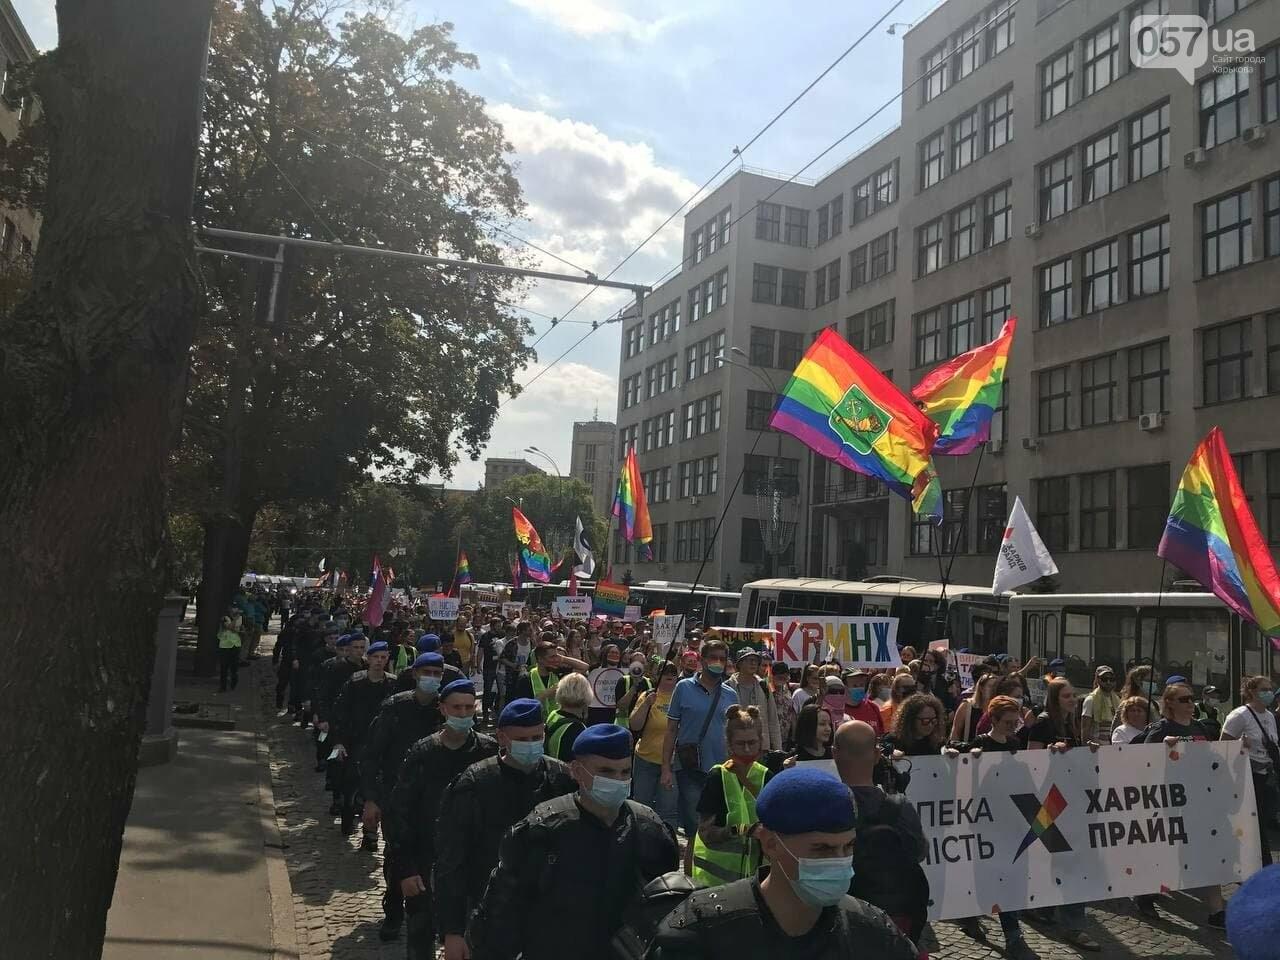 «Нет важней любви». Как в центре Харькова прошел ЛГБТ-марш, - ФОТОРЕПОРТАЖ, фото-10